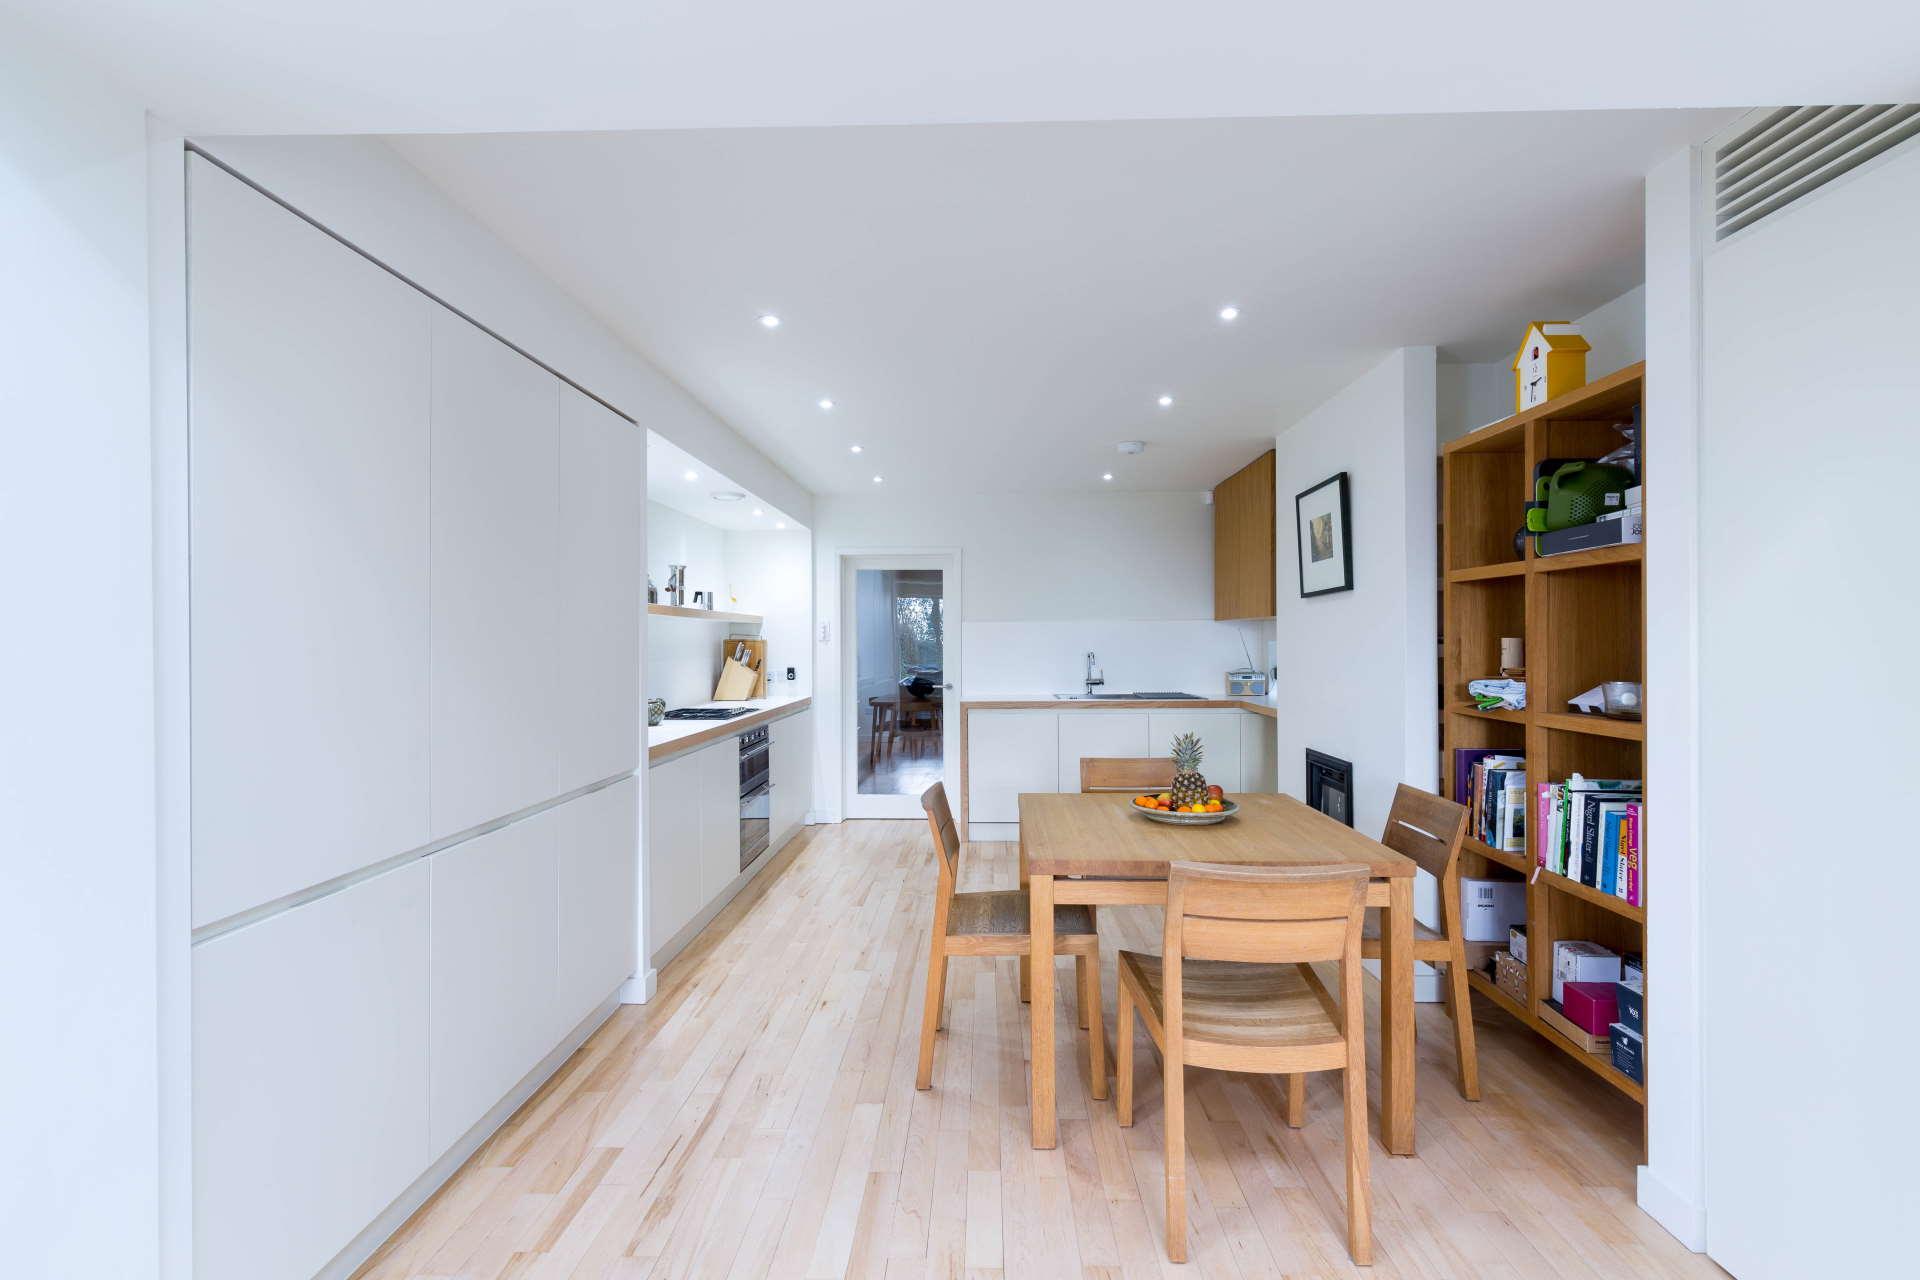 Wilson's Fitted Kitchen & Wardrobes